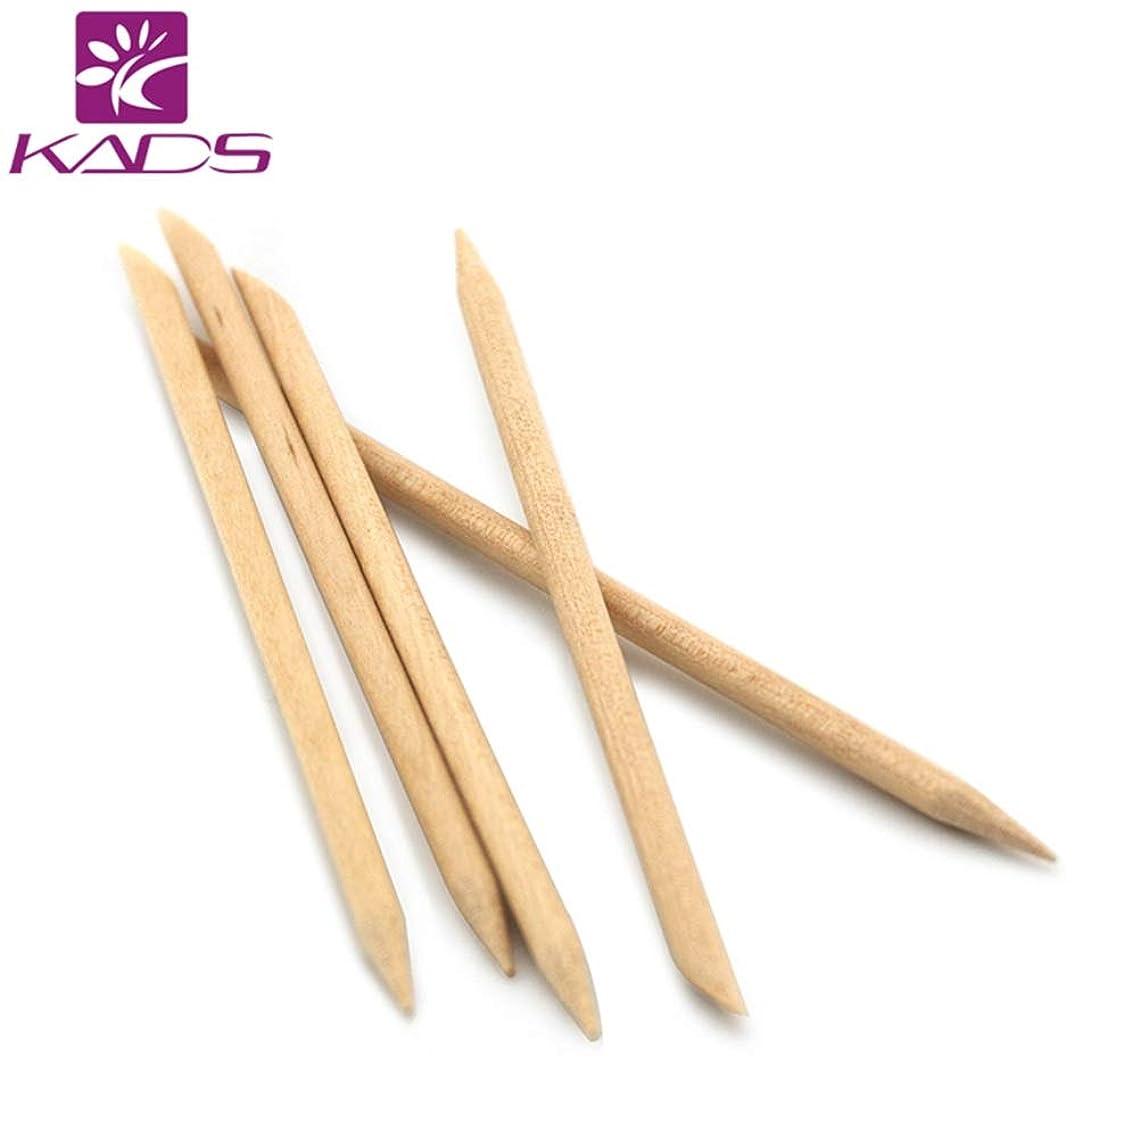 熱意のため従うKADS 最高品質オレンジウッドスティック ジェルネイル用 5本入り(ウッド棒 検定)